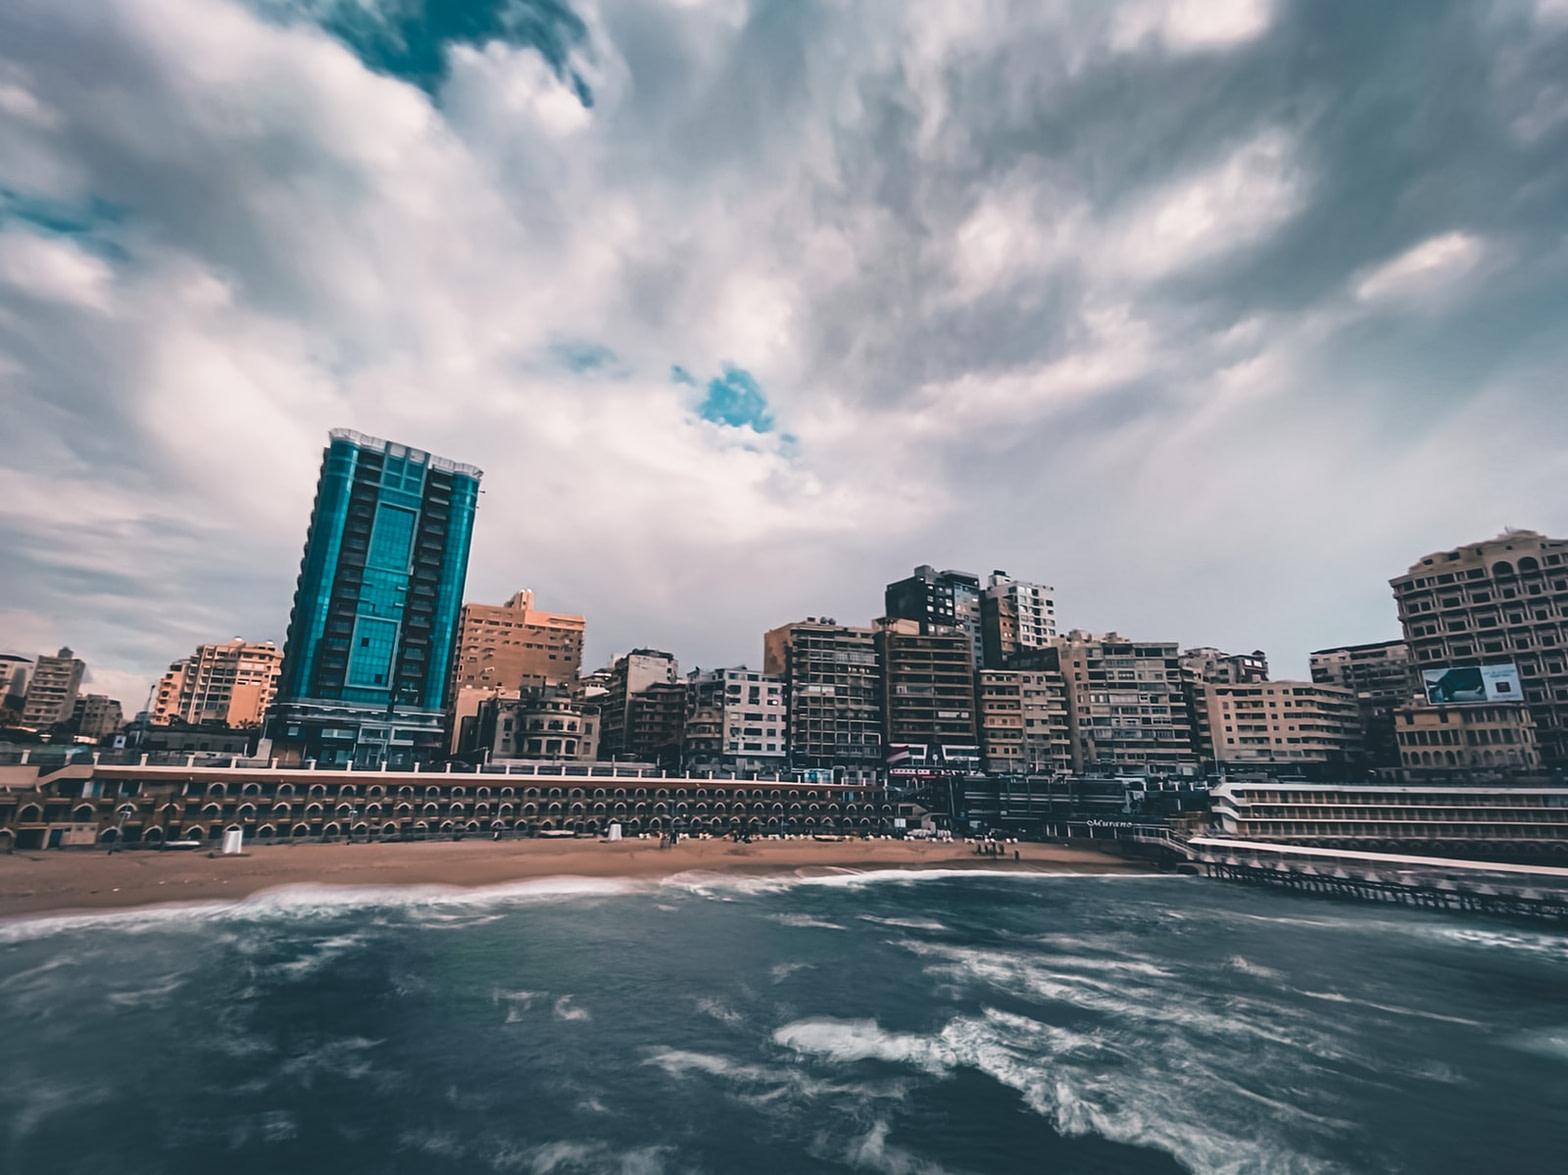 معلومات عن الرحلات المتوجهة من الرياض الى الاسكندرية